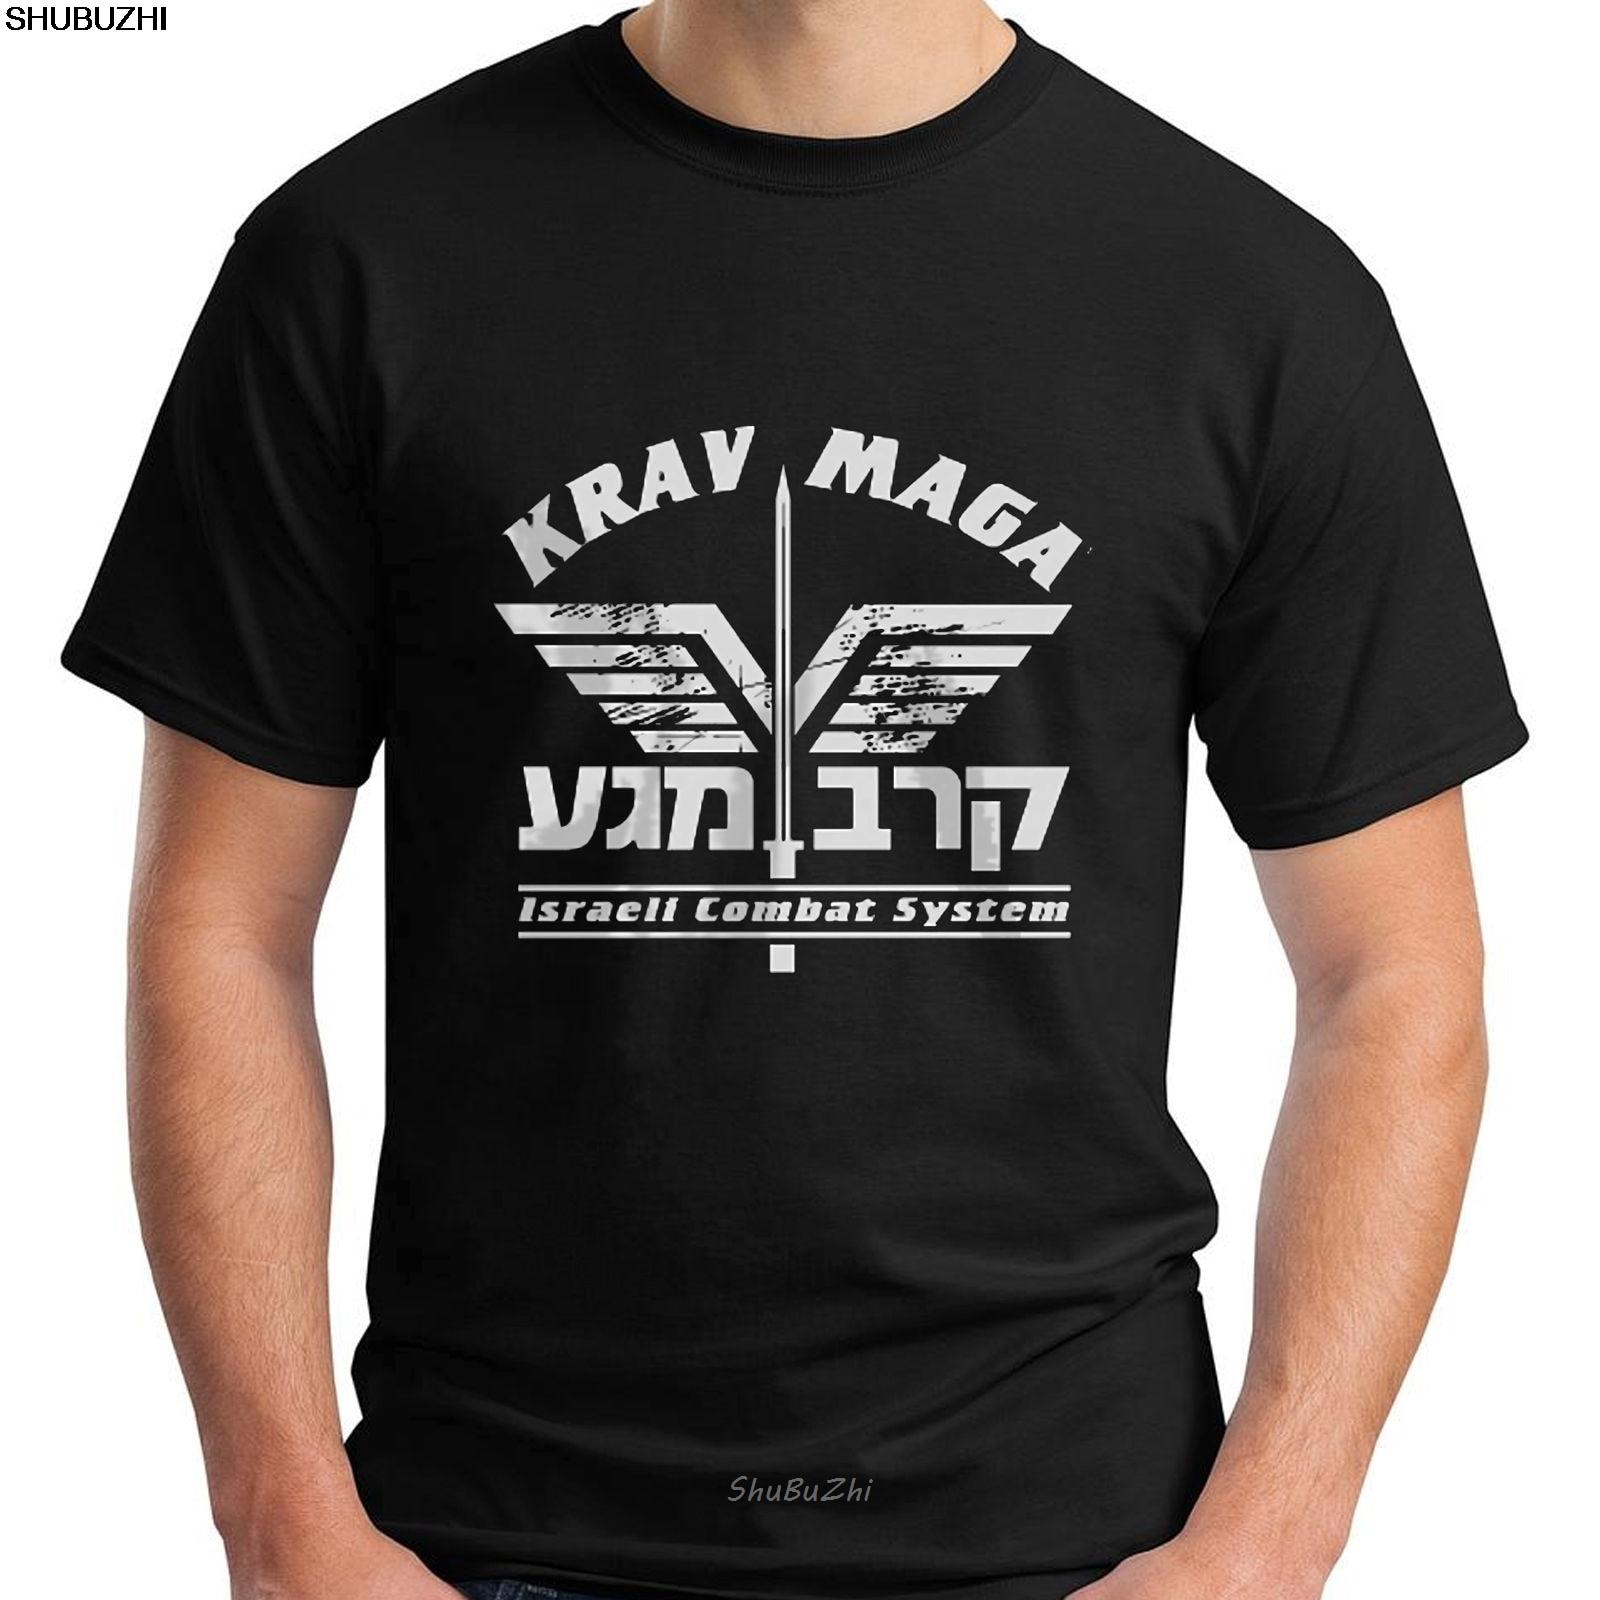 Nuevo Krav Maga defensa personal IDF Israel artes marciales camiseta negra para hombres Cool Casual pride camiseta hombres Unisex nuevo sbz3415